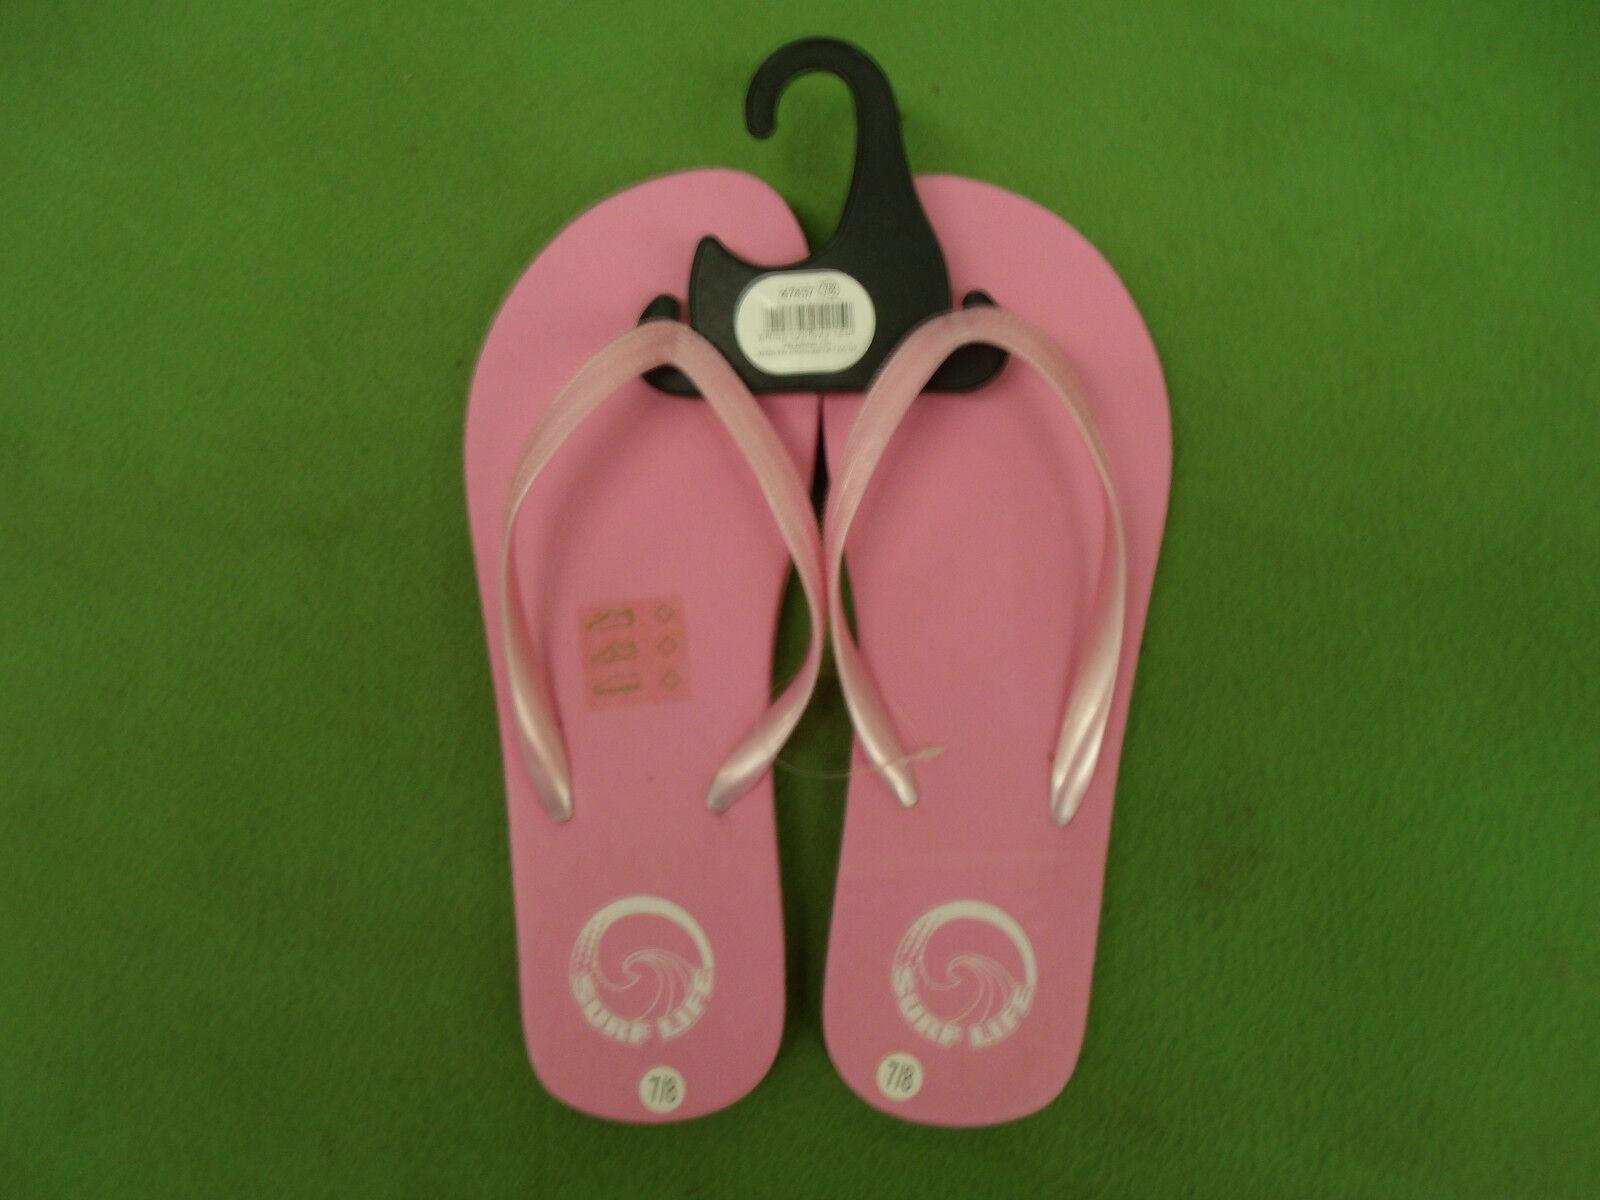 LADIES GIRLS Flip Pink Flip GIRLS Flop Size 7/8 a443c6